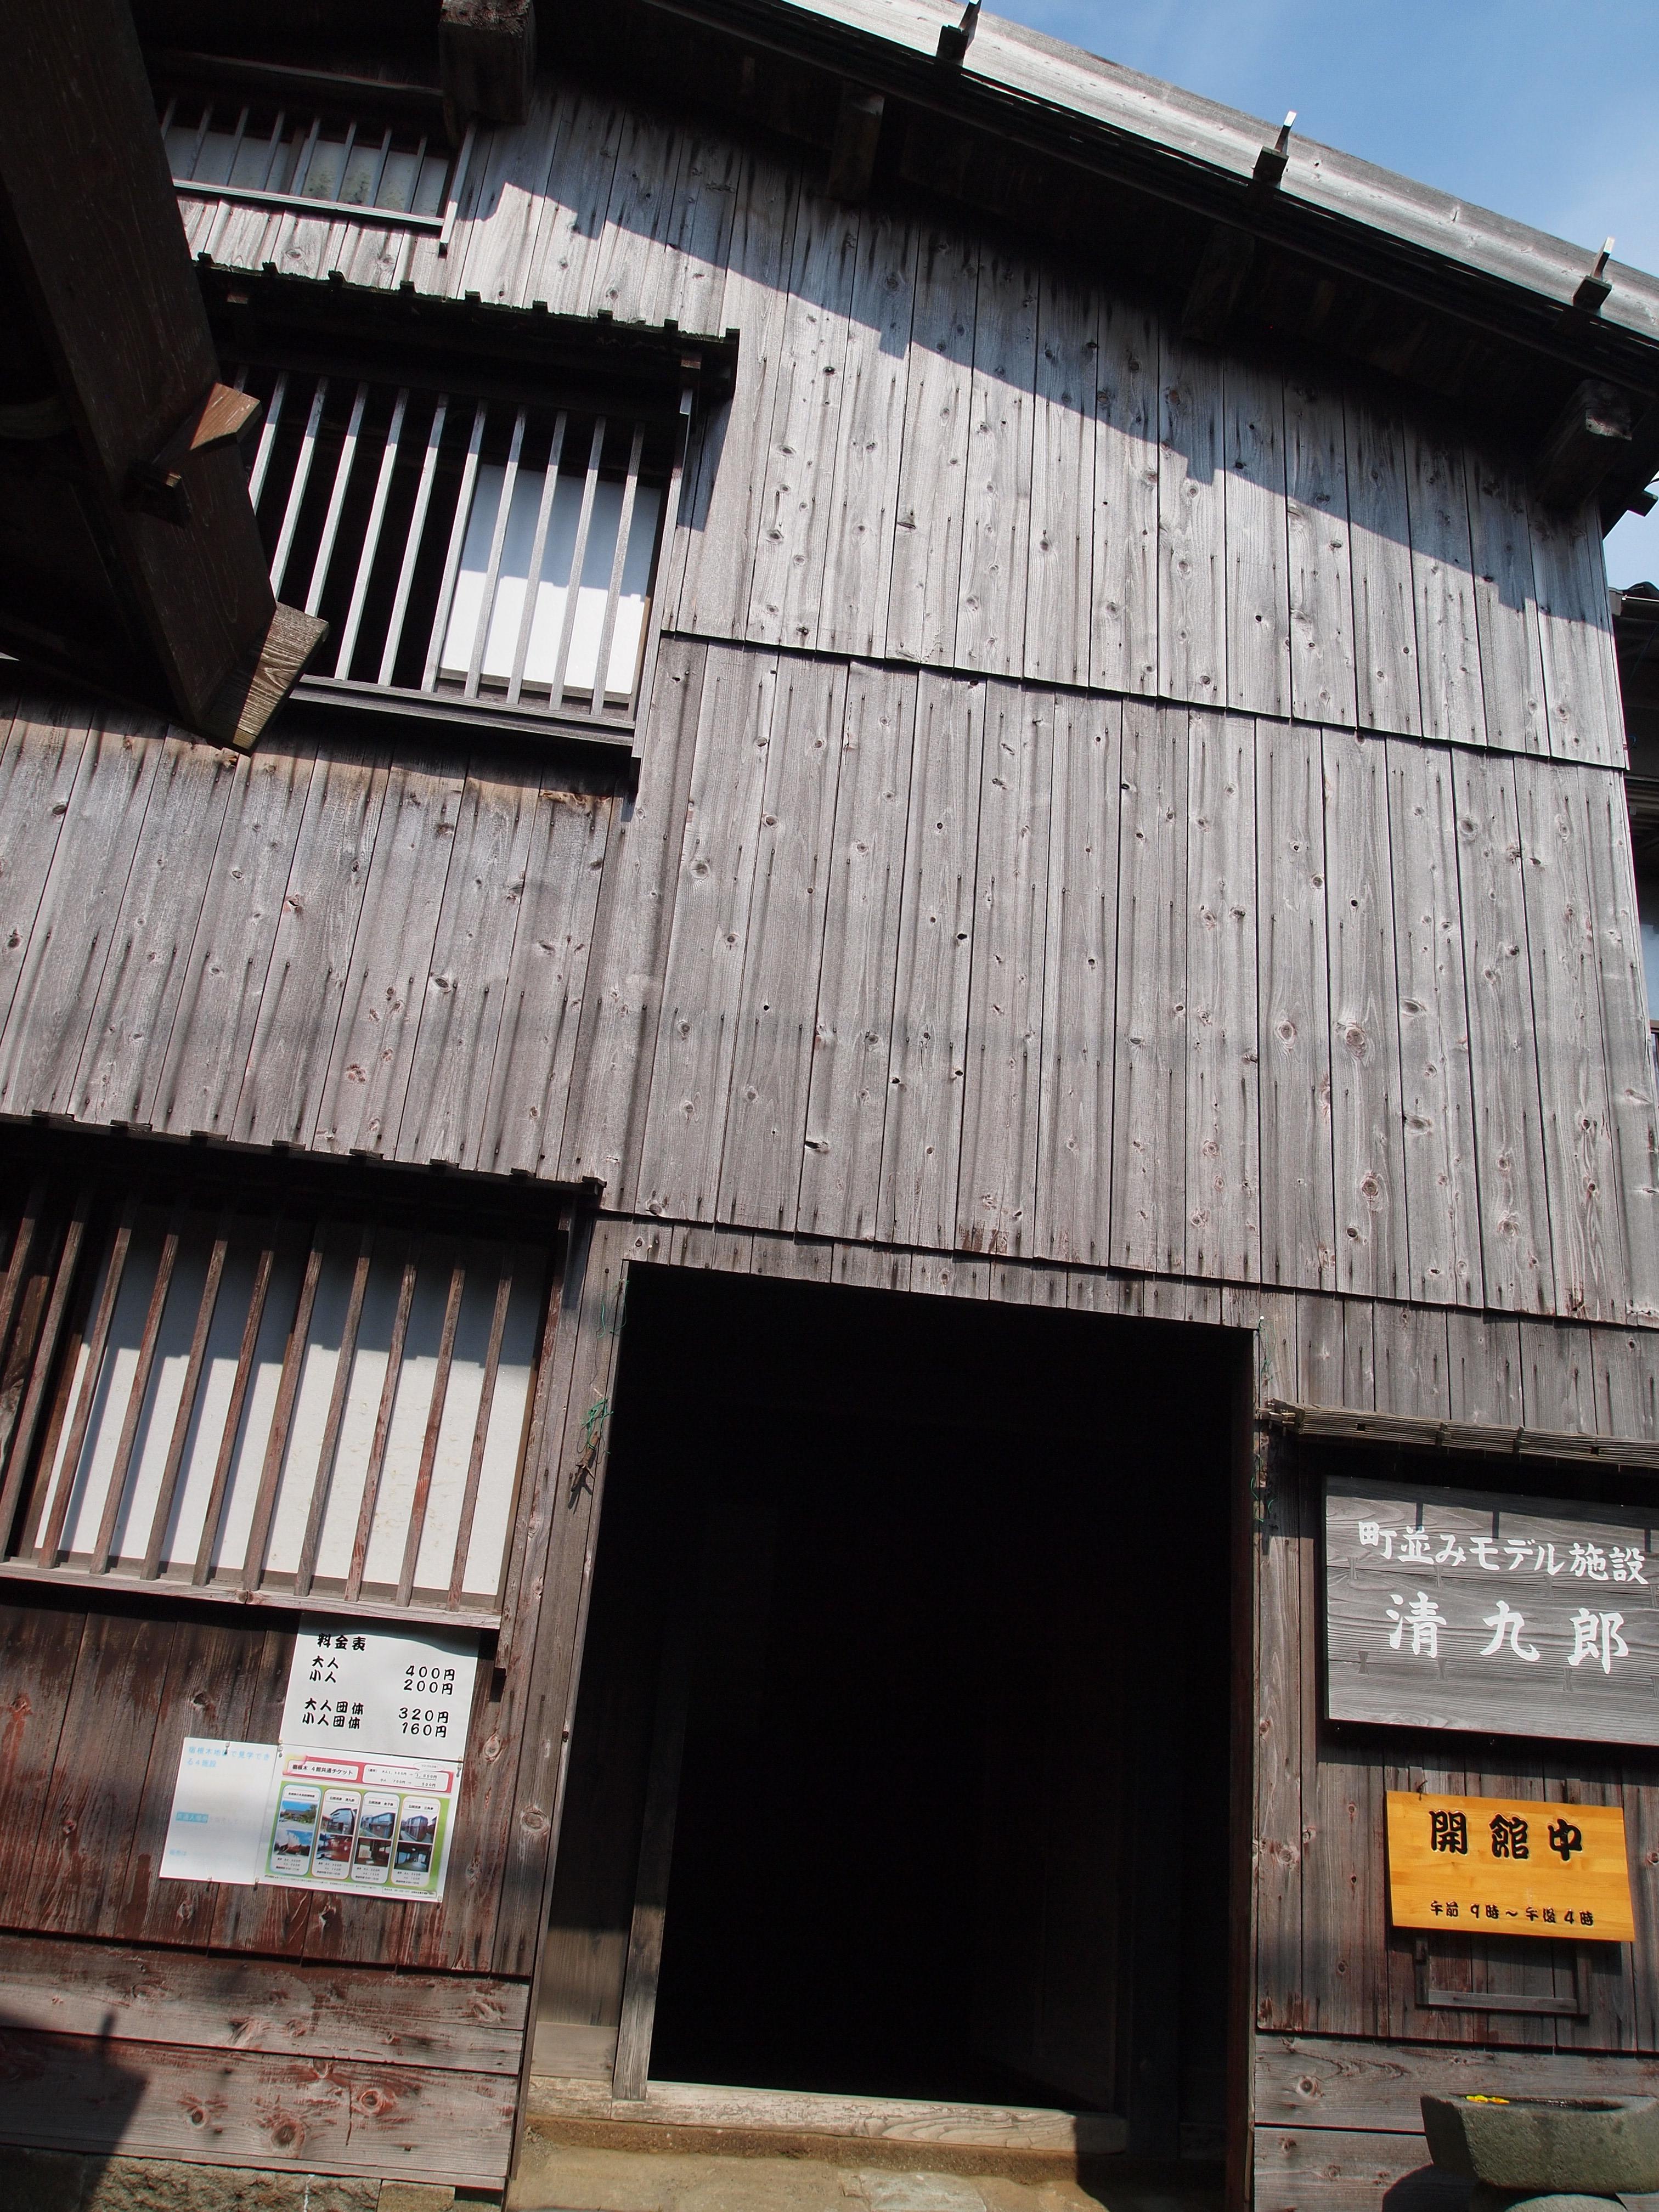 小木富甲一方的船主清九郎的宅邸,现已开放供旅客参观。